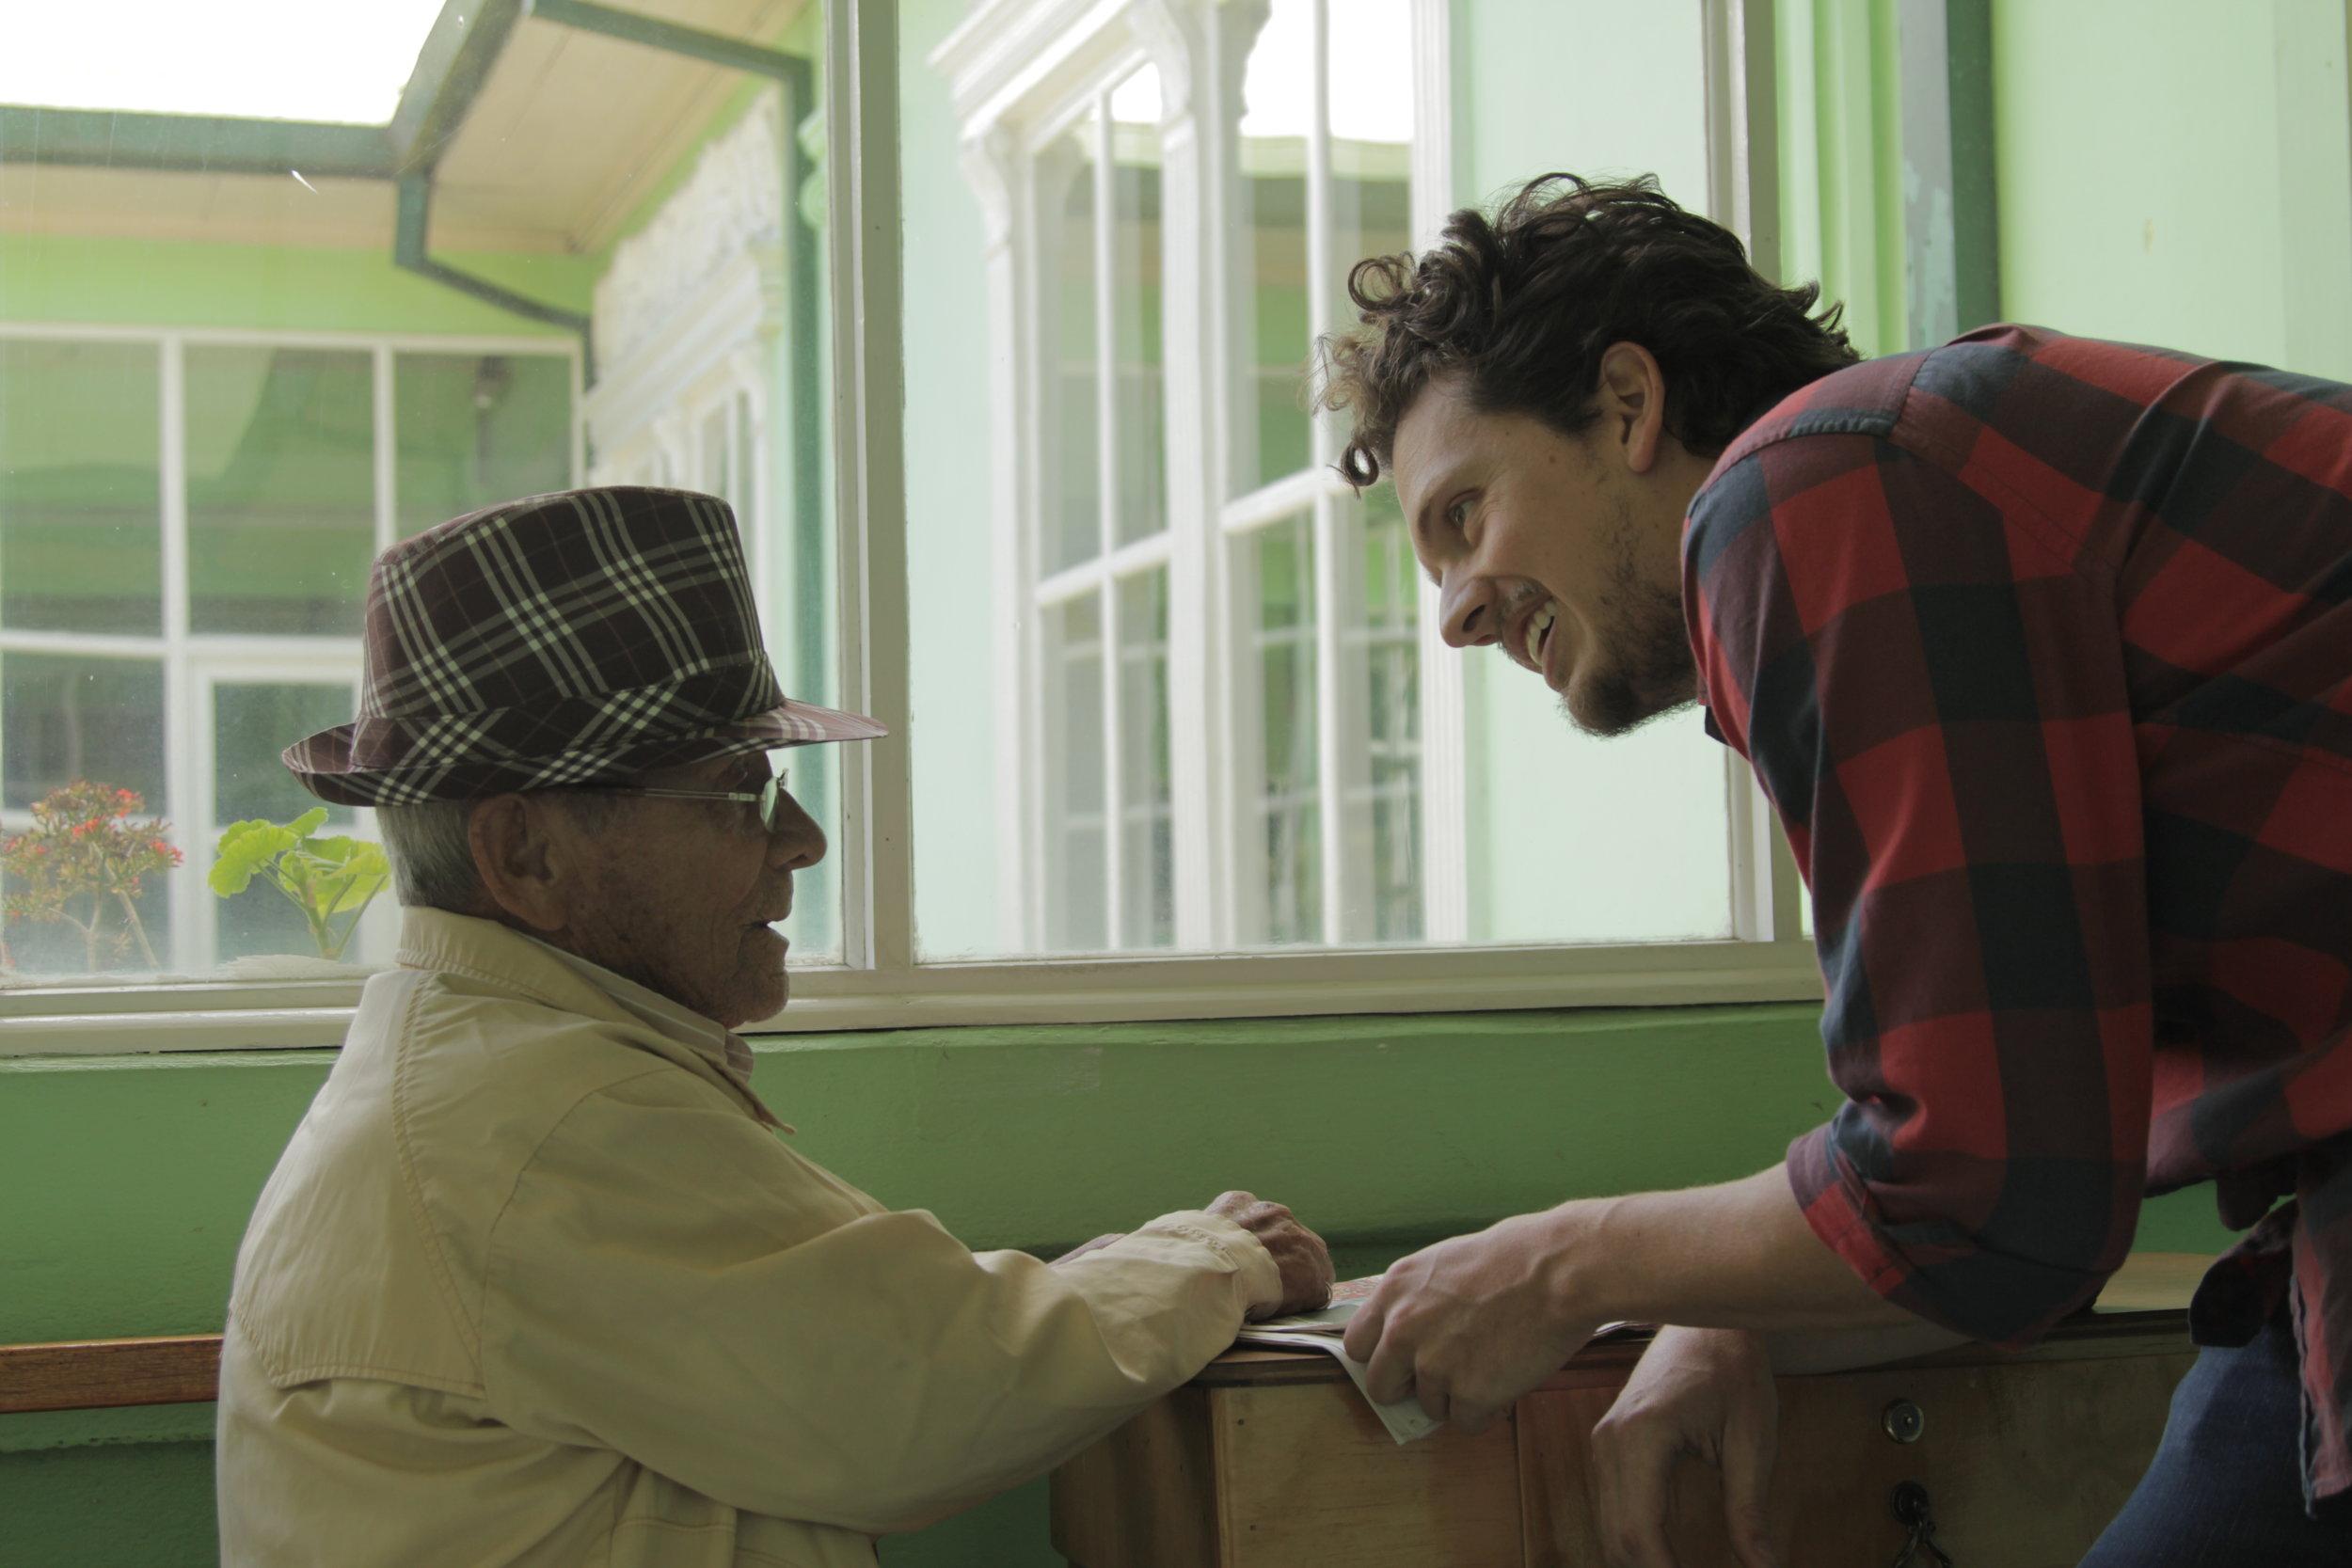 UMBRAL (Costa Rica) - El director FEDERICO MONTERO en el rodaje.jpg